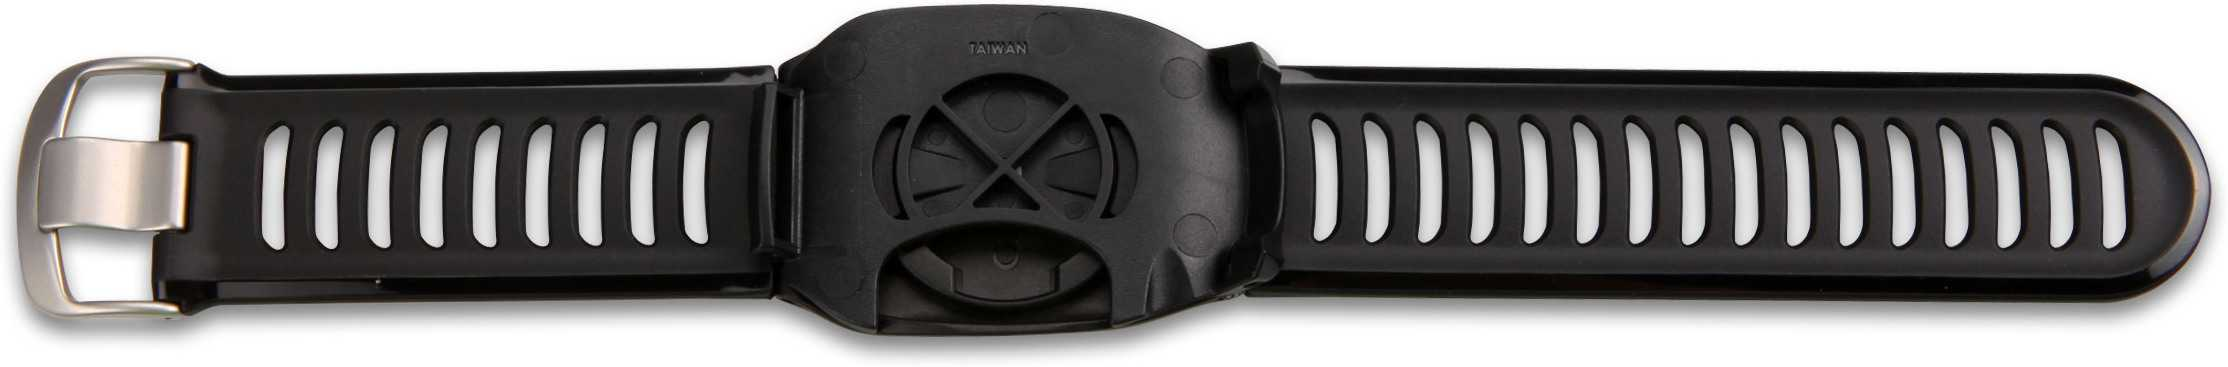 Fastgørelsessæt Garmin Forerunner 910XT   Sports watches